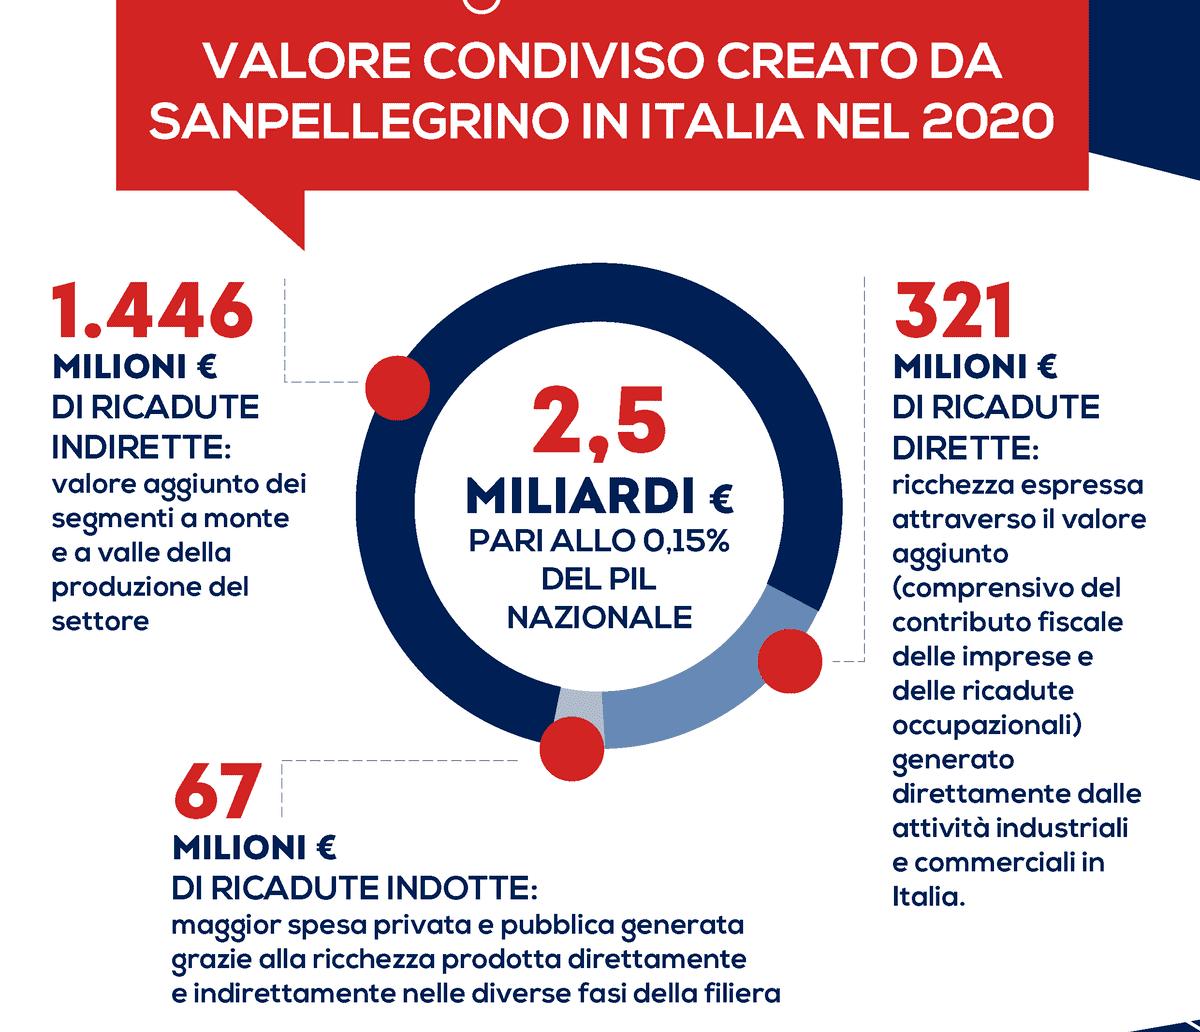 SANPELLEGRINO crea valore per l'Italia